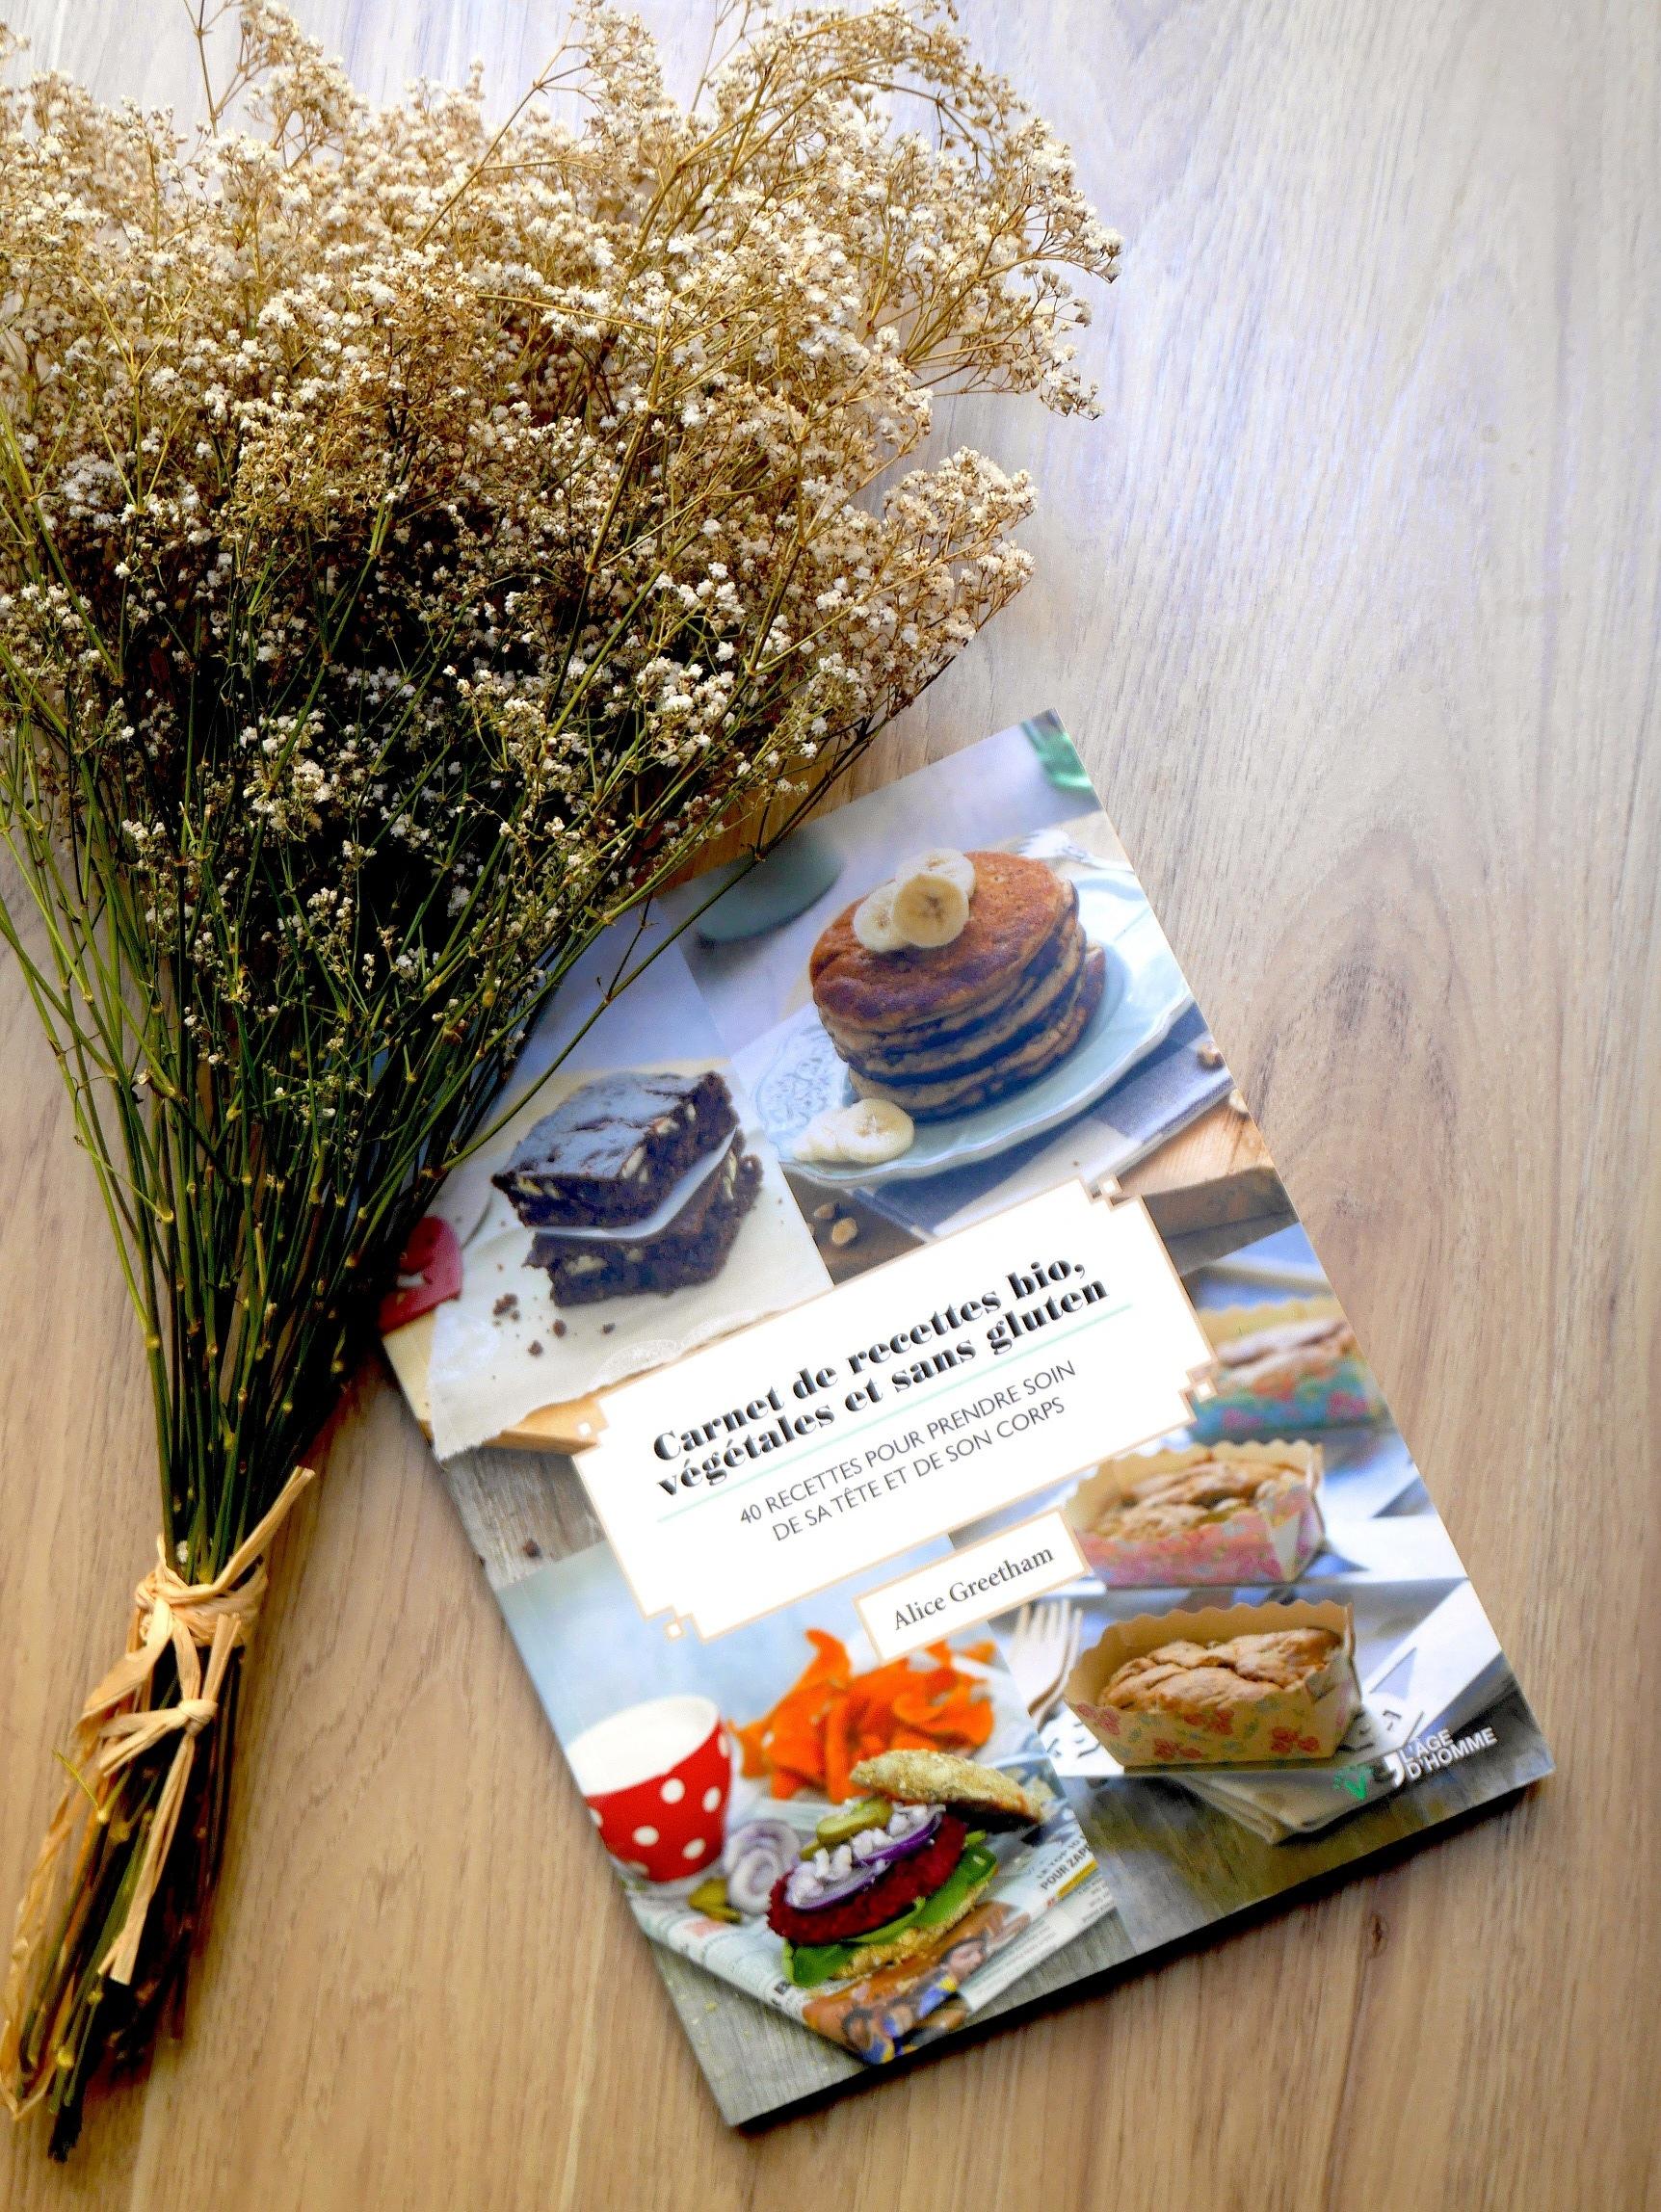 """Coup de coeur pour """"Carnet de recettes bio, végétales et sans gluten"""" d'Alice Greetham !"""